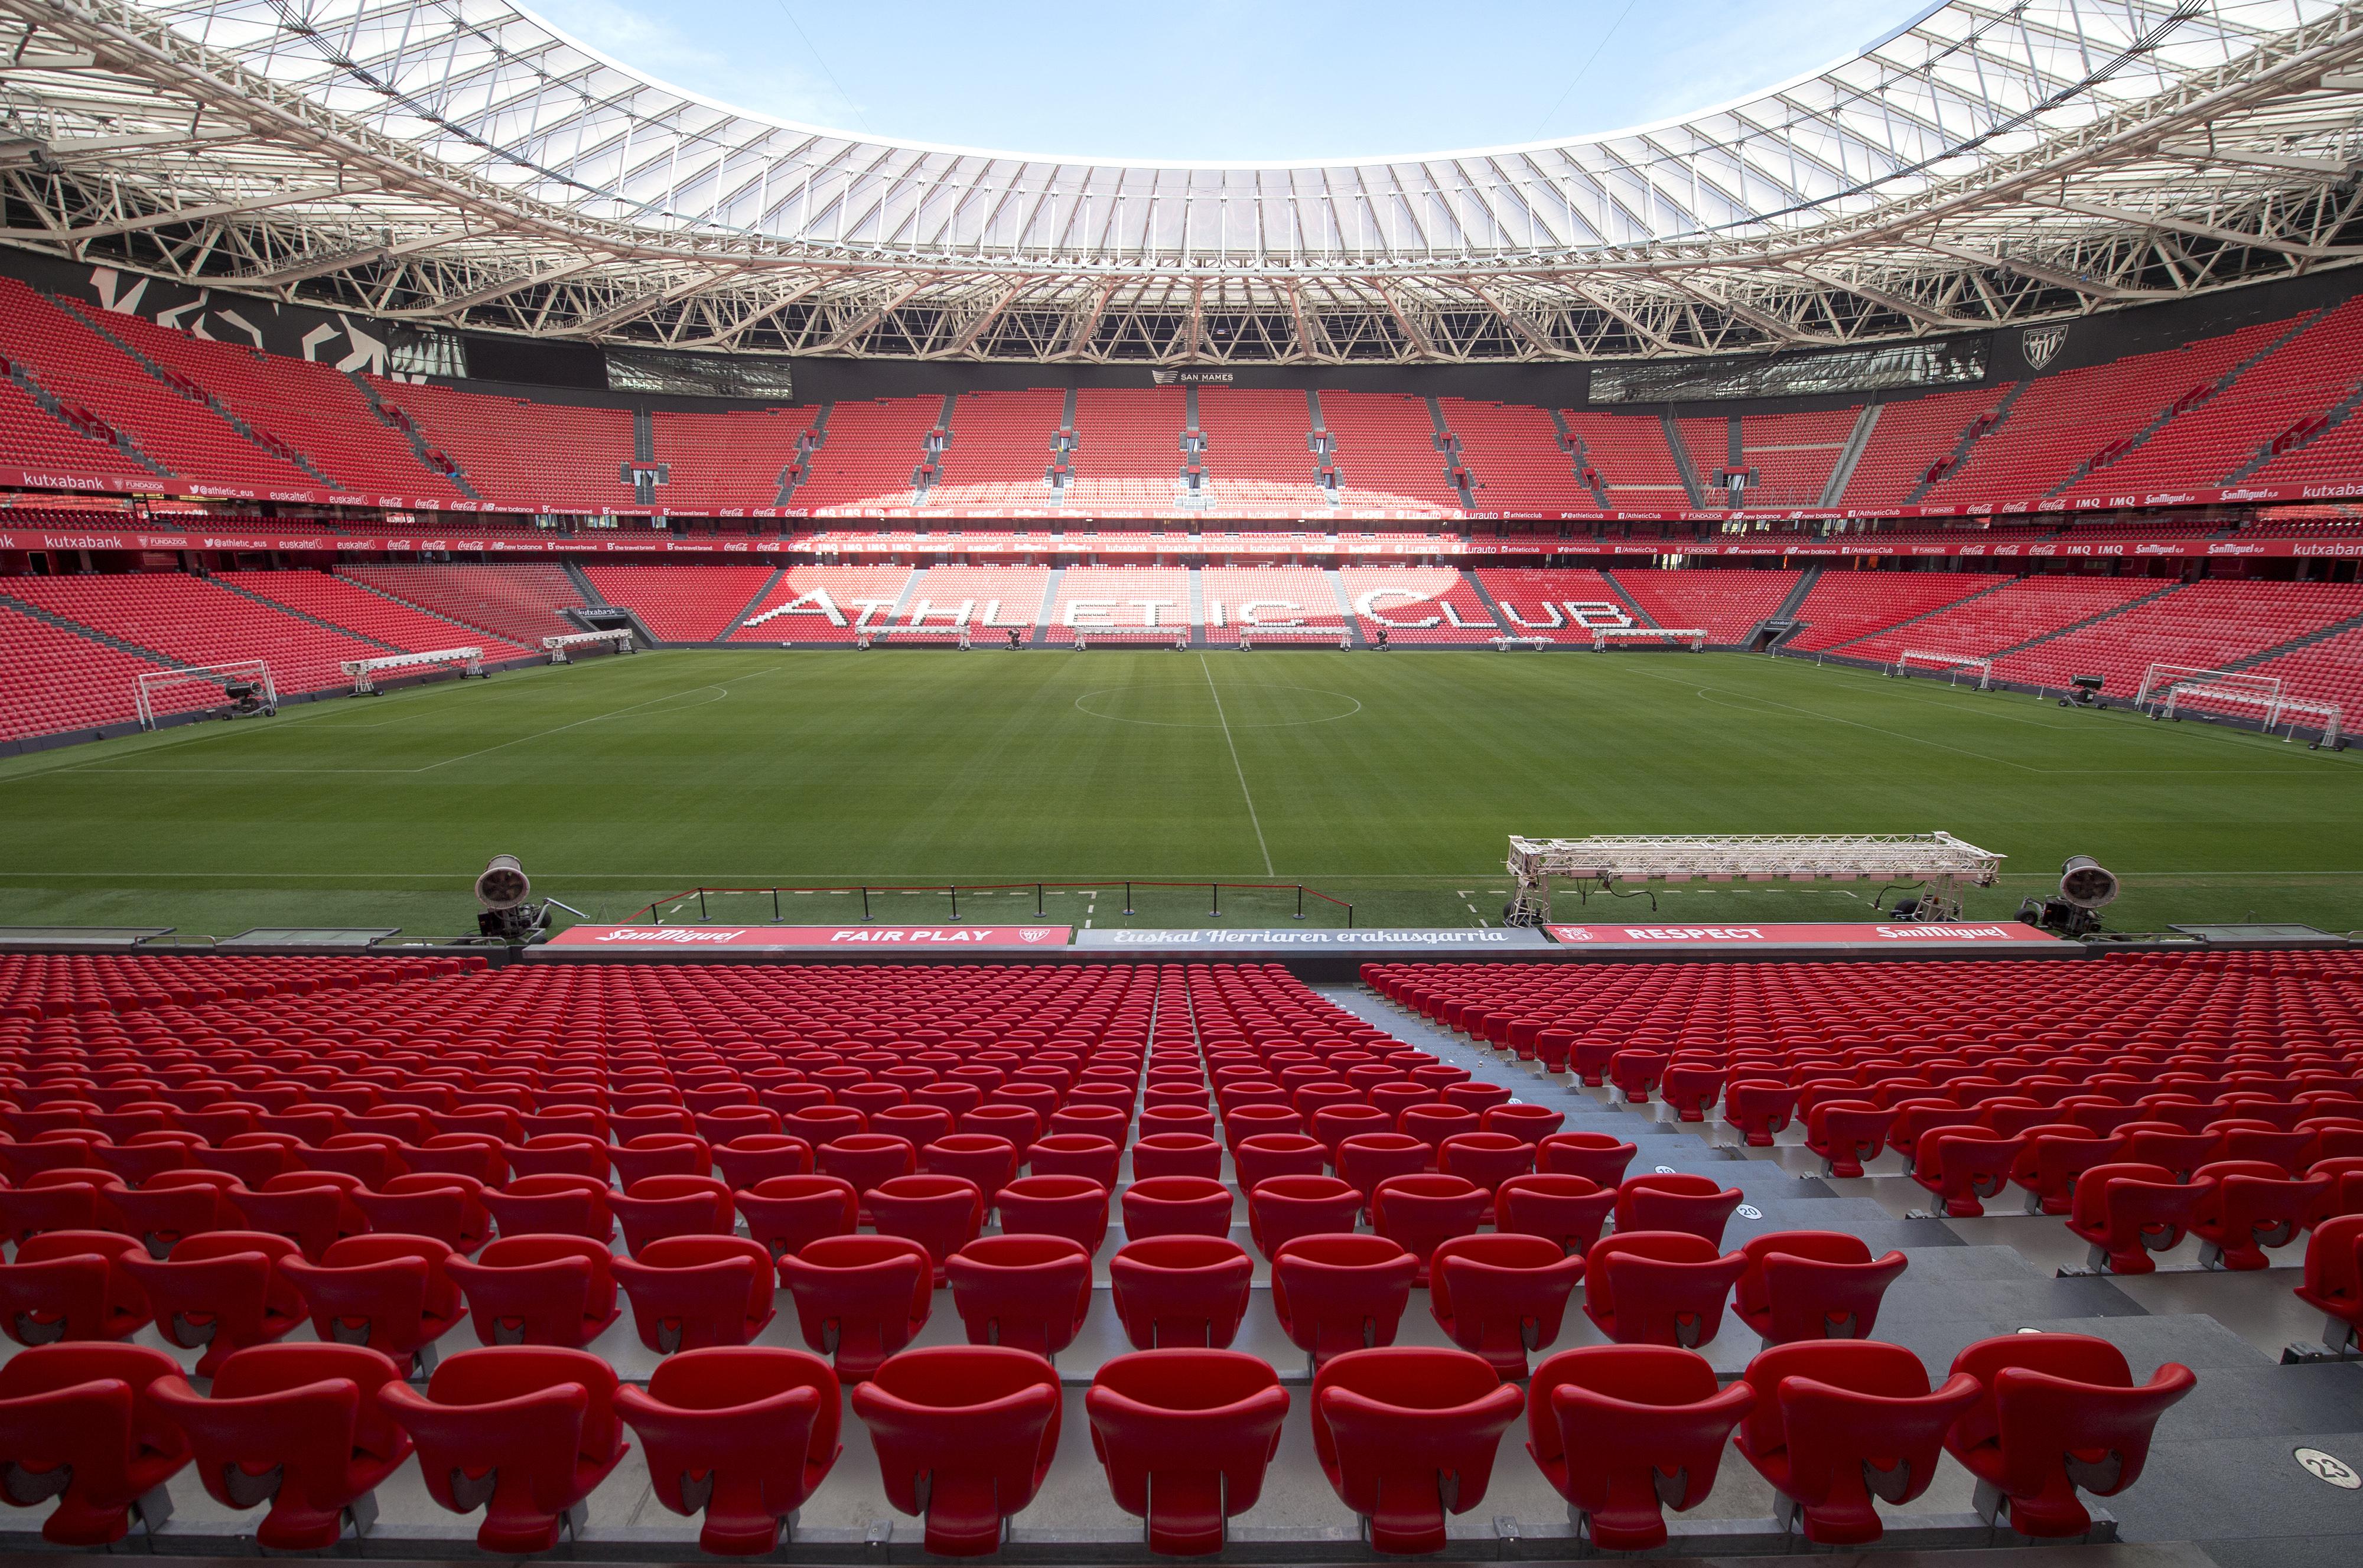 Bilbao nem tudja vállalni a nézőket, elvették tőlük az Eb-rendezést